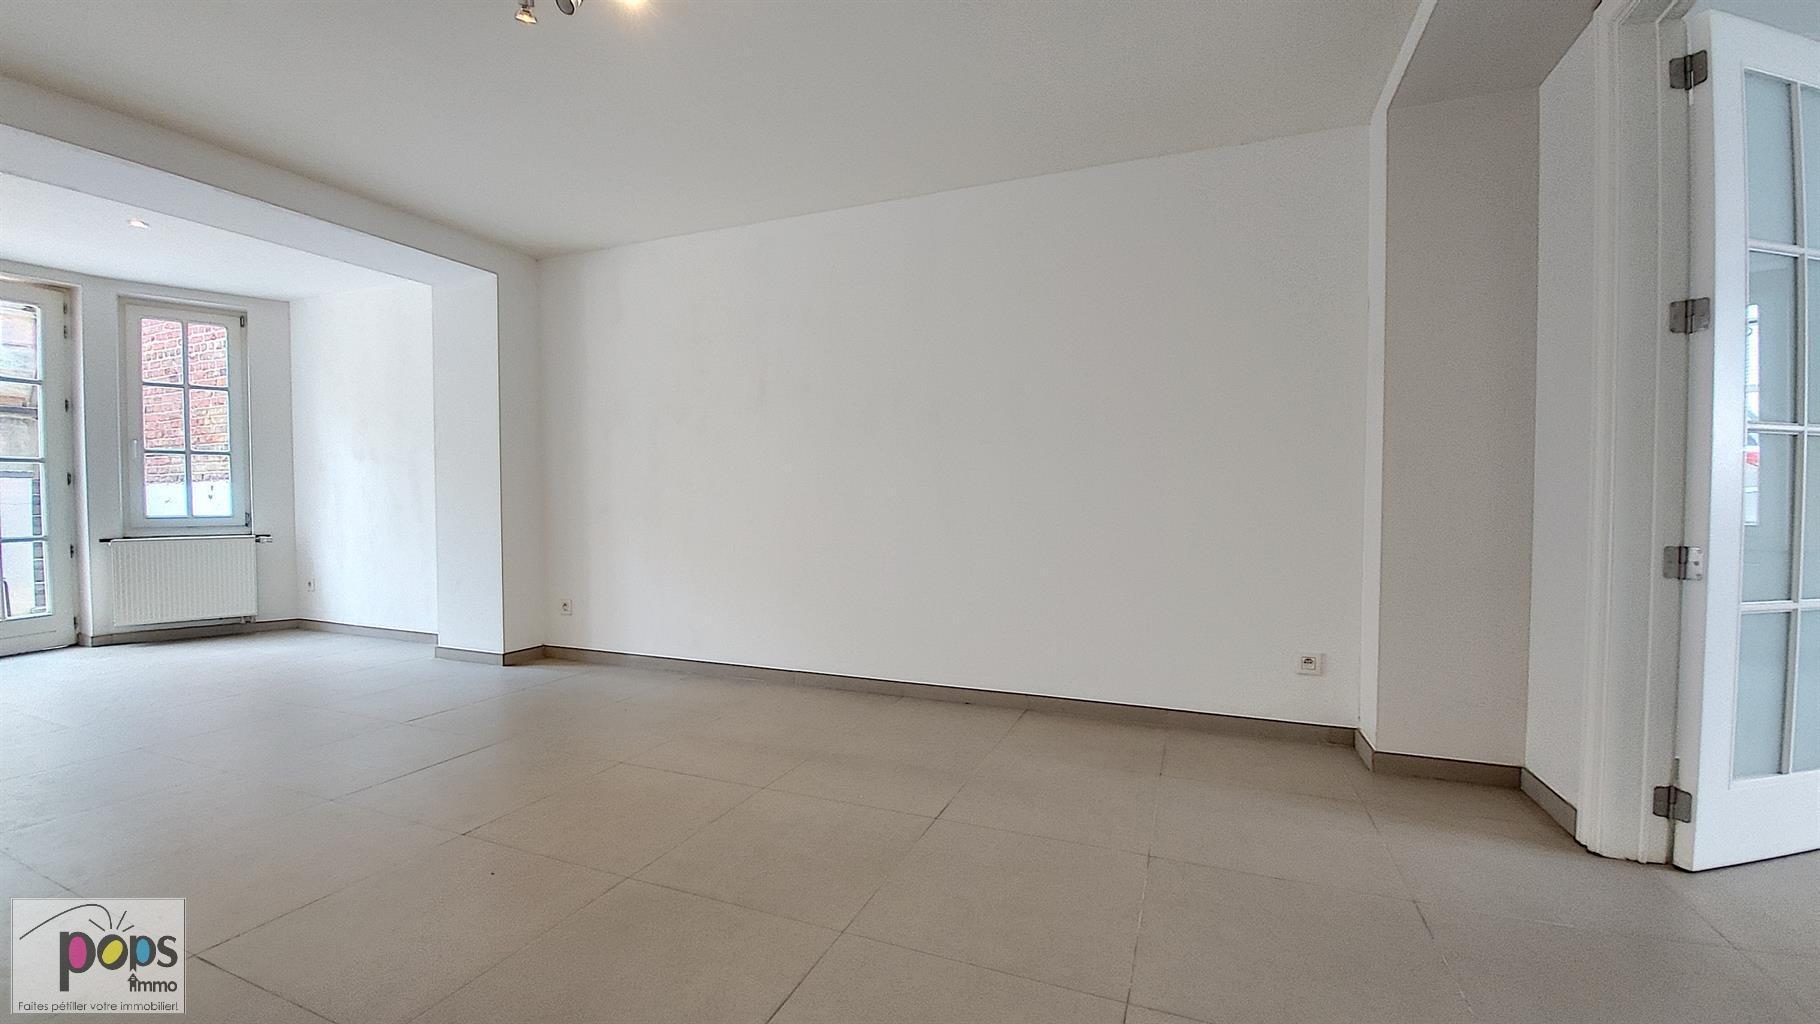 Appartement - Ixelles - #4388996-13